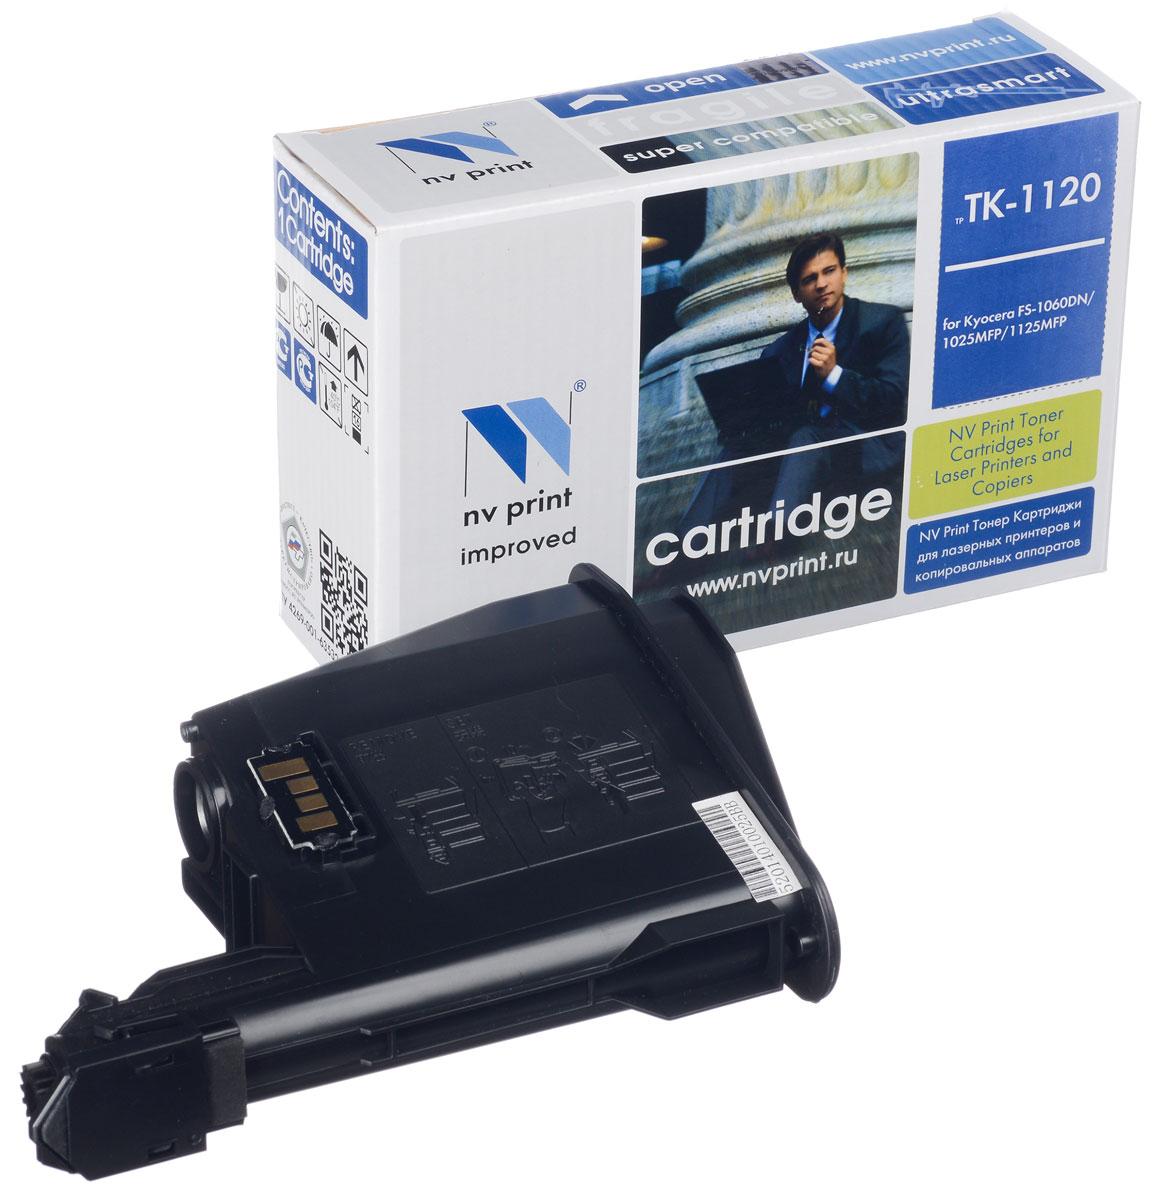 NV Print NV-TK1120, Black тонер-картридж для Kyocera FS-1060DN/1025MFP/1125MFPNV-TK1120Совместимый лазерный картридж NV Print NV-TK1120 для печатающих устройств Kyocera - это альтернатива приобретению оригинальных расходных материалов. При этом качество печати остается высоким. Картридж обеспечивает повышенную чёткость чёрного текста и плавность переходов оттенков серого цвета и полутонов, позволяет отображать мельчайшие детали изображения. Лазерные принтеры, копировальные аппараты и МФУ являются более выгодными в печати, чем струйные устройства, так как лазерных картриджей хватает на значительно большее количество отпечатков, чем обычных. Для печати в данном случае используются не чернила, а тонер.